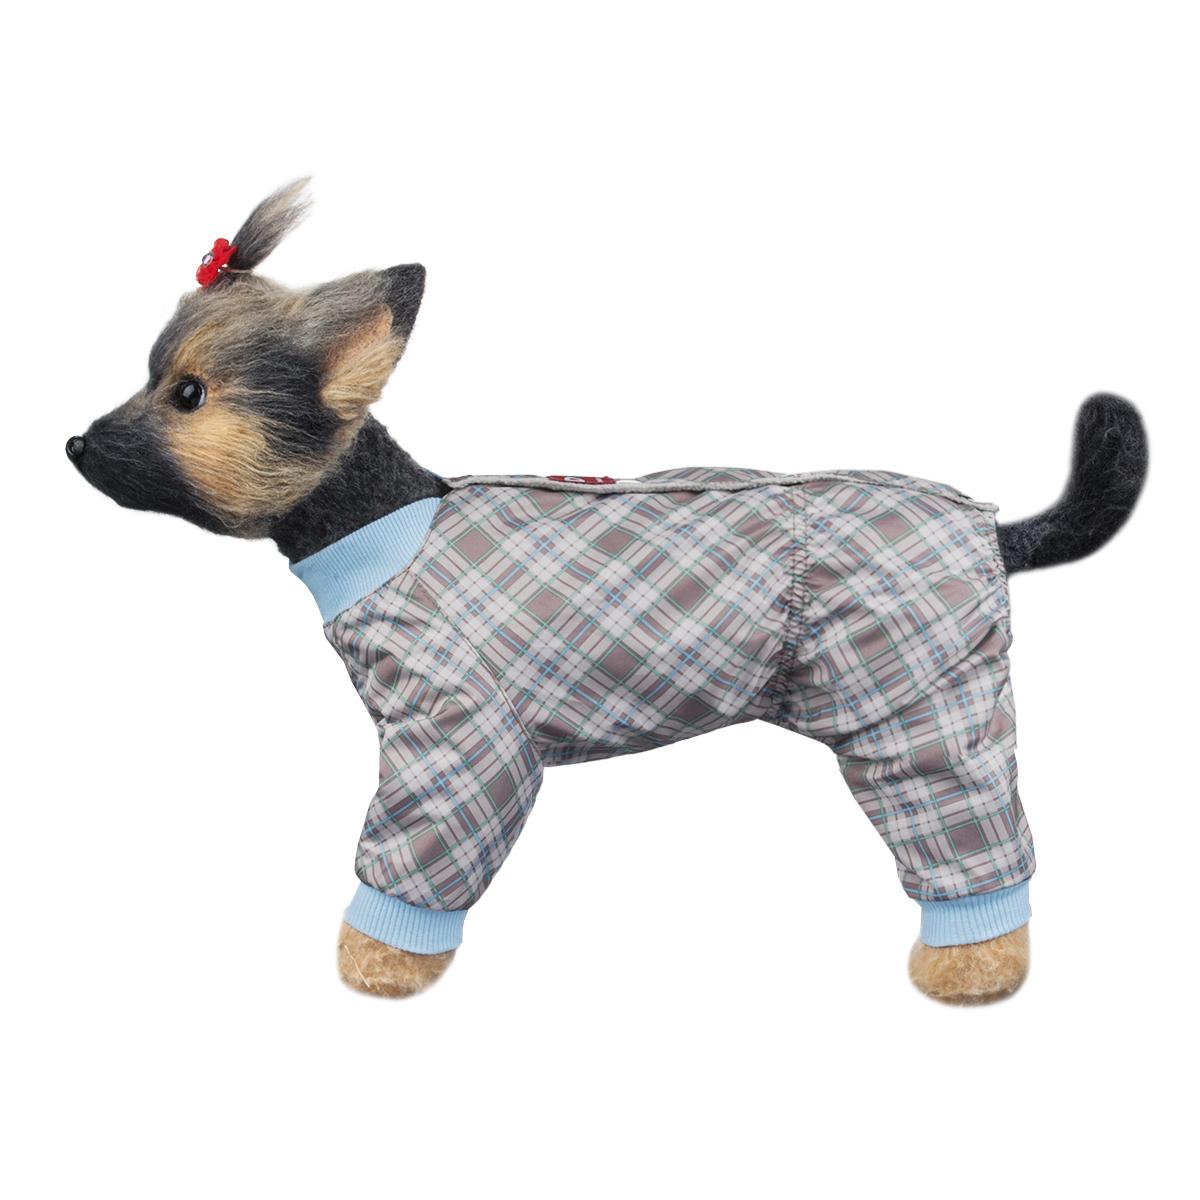 """Комбинезон для собак Dogmoda """"Клетка"""", унисекс, цвет: голубой, серый, коричневый. Размер 4 (XL)"""